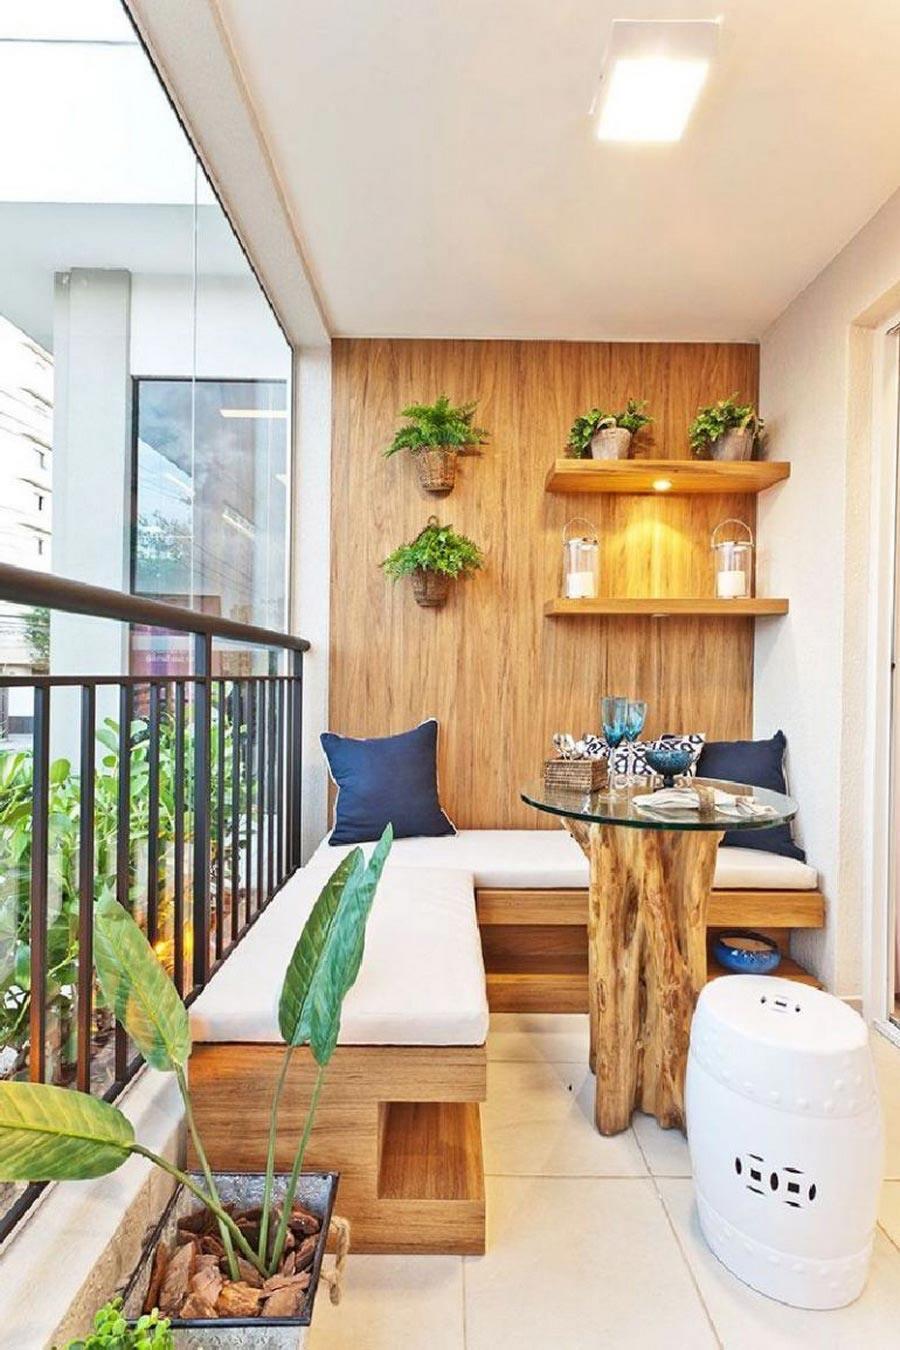 Arredare Un Terrazzo 100 idee migliori: design di una loggia e un balcone nella foto